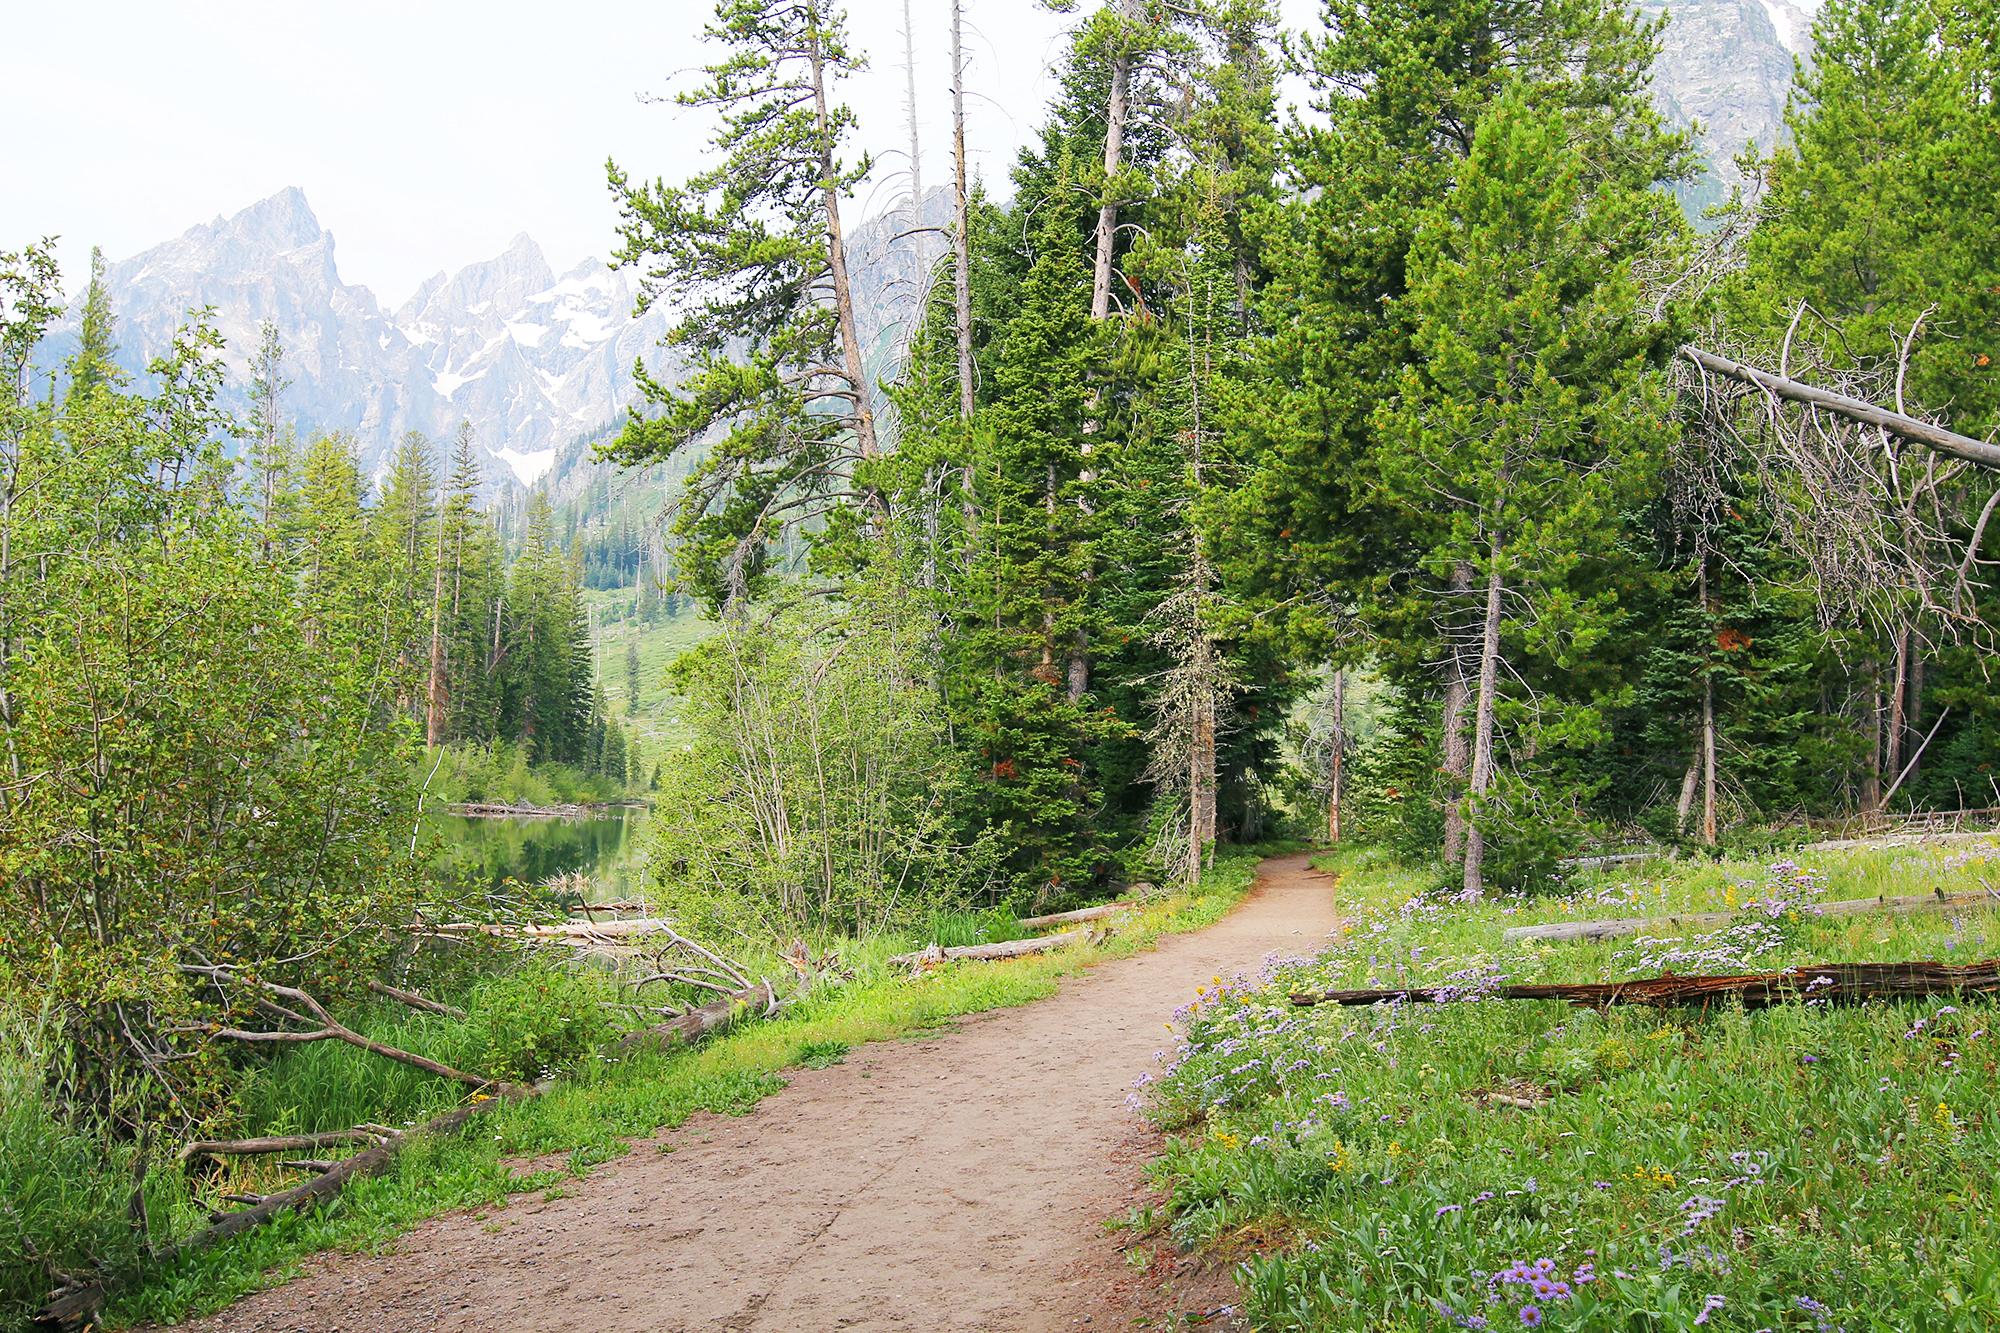 jo-torrijos-states-of-reverie-grand-teton-national-park-string-lake-hike-3.jpg